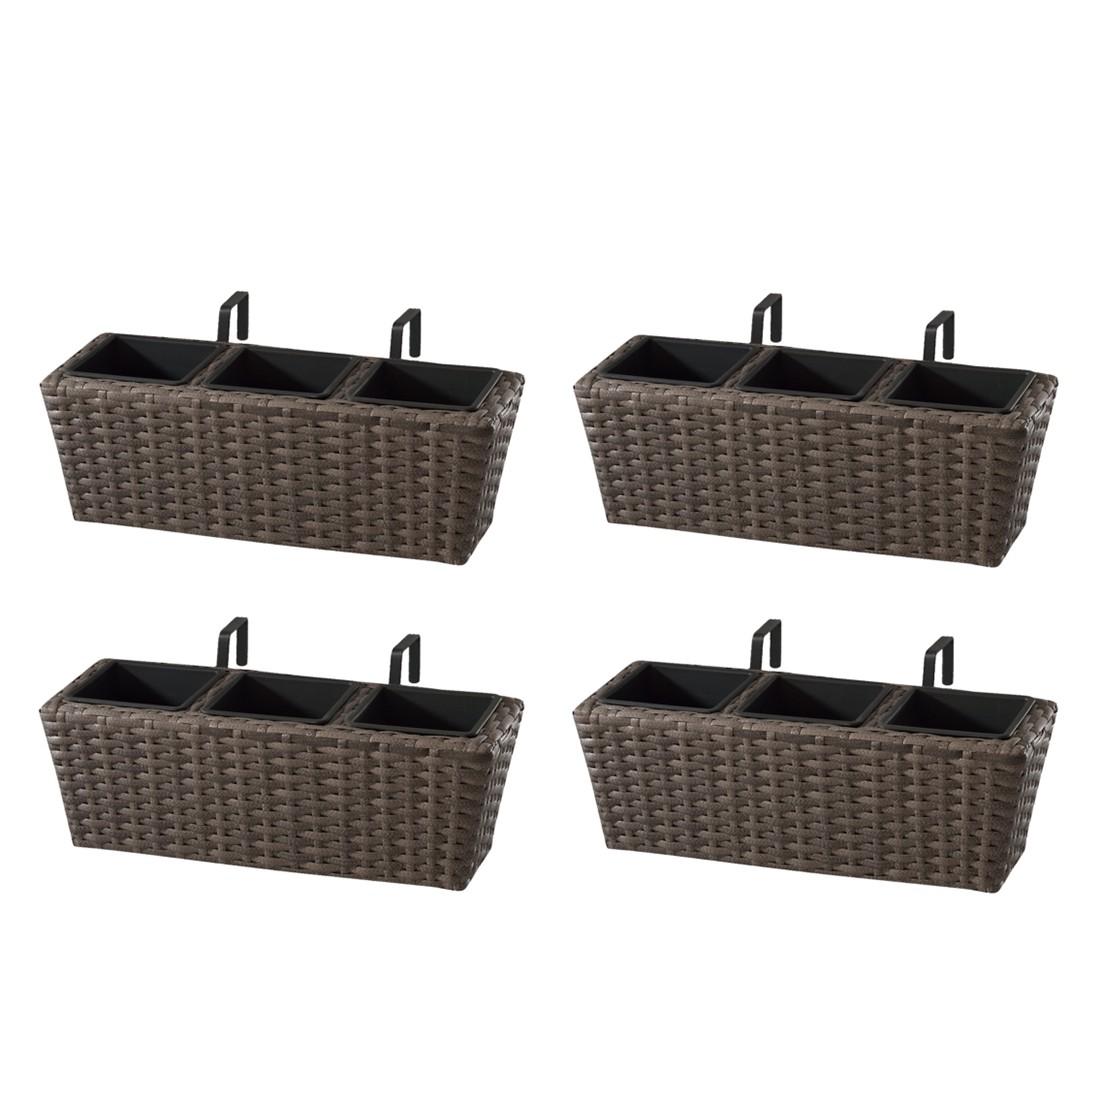 Balkonkasten (4er-Set) – 47 x 17 x 17 cm – Polyrattan – Cappuccino, Gartenfreude günstig kaufen